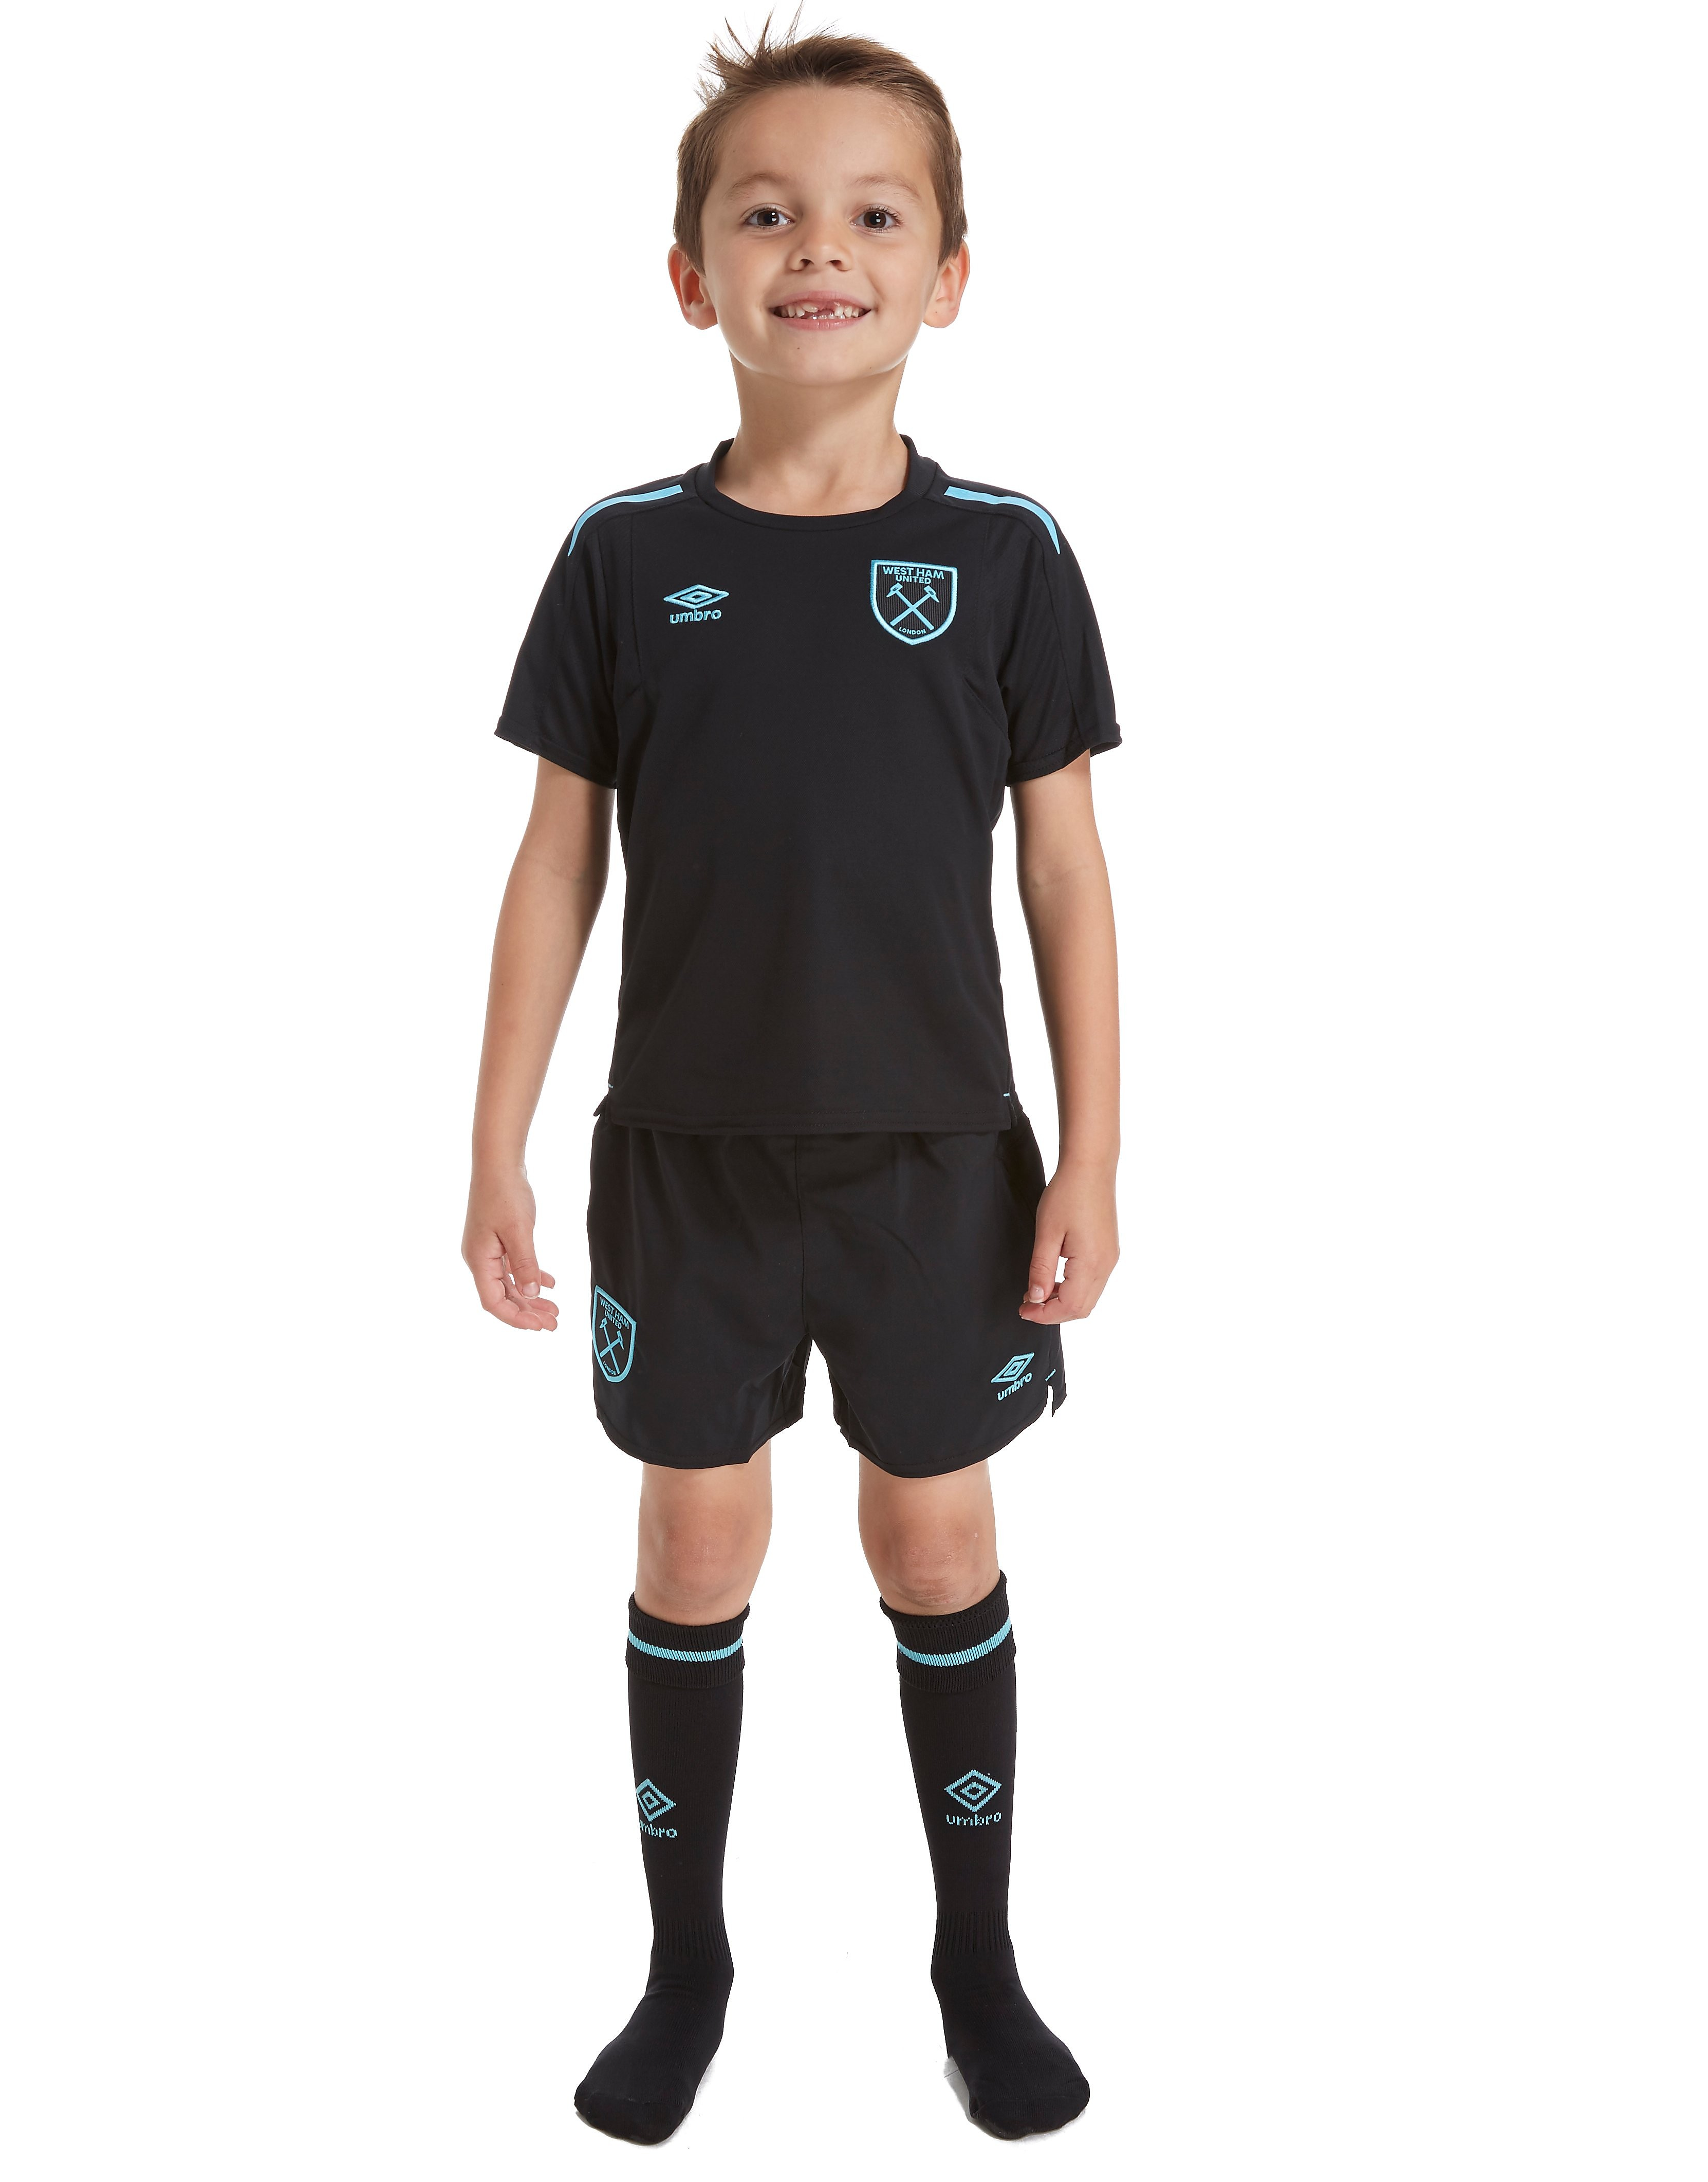 Umbro West Ham Utd 2017/18 Away Kit Children